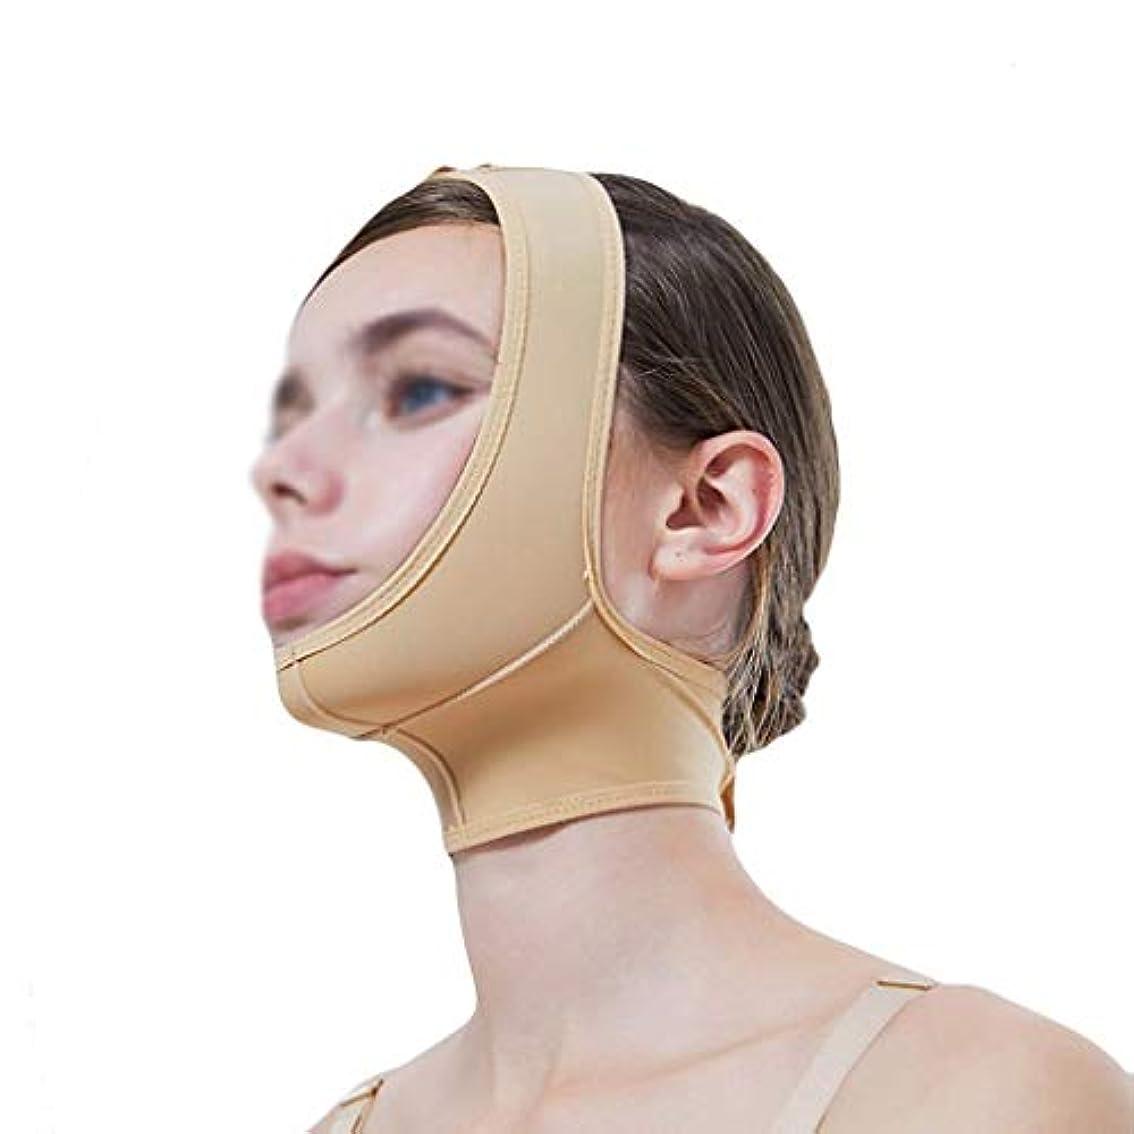 契約した体操ツーリストマスク、超薄型ベルト、フェイスリフティングに適し、フェイスリフティング、通気性包帯、あご取りベルト、超薄型ベルト、通気性(サイズ:XL),XS